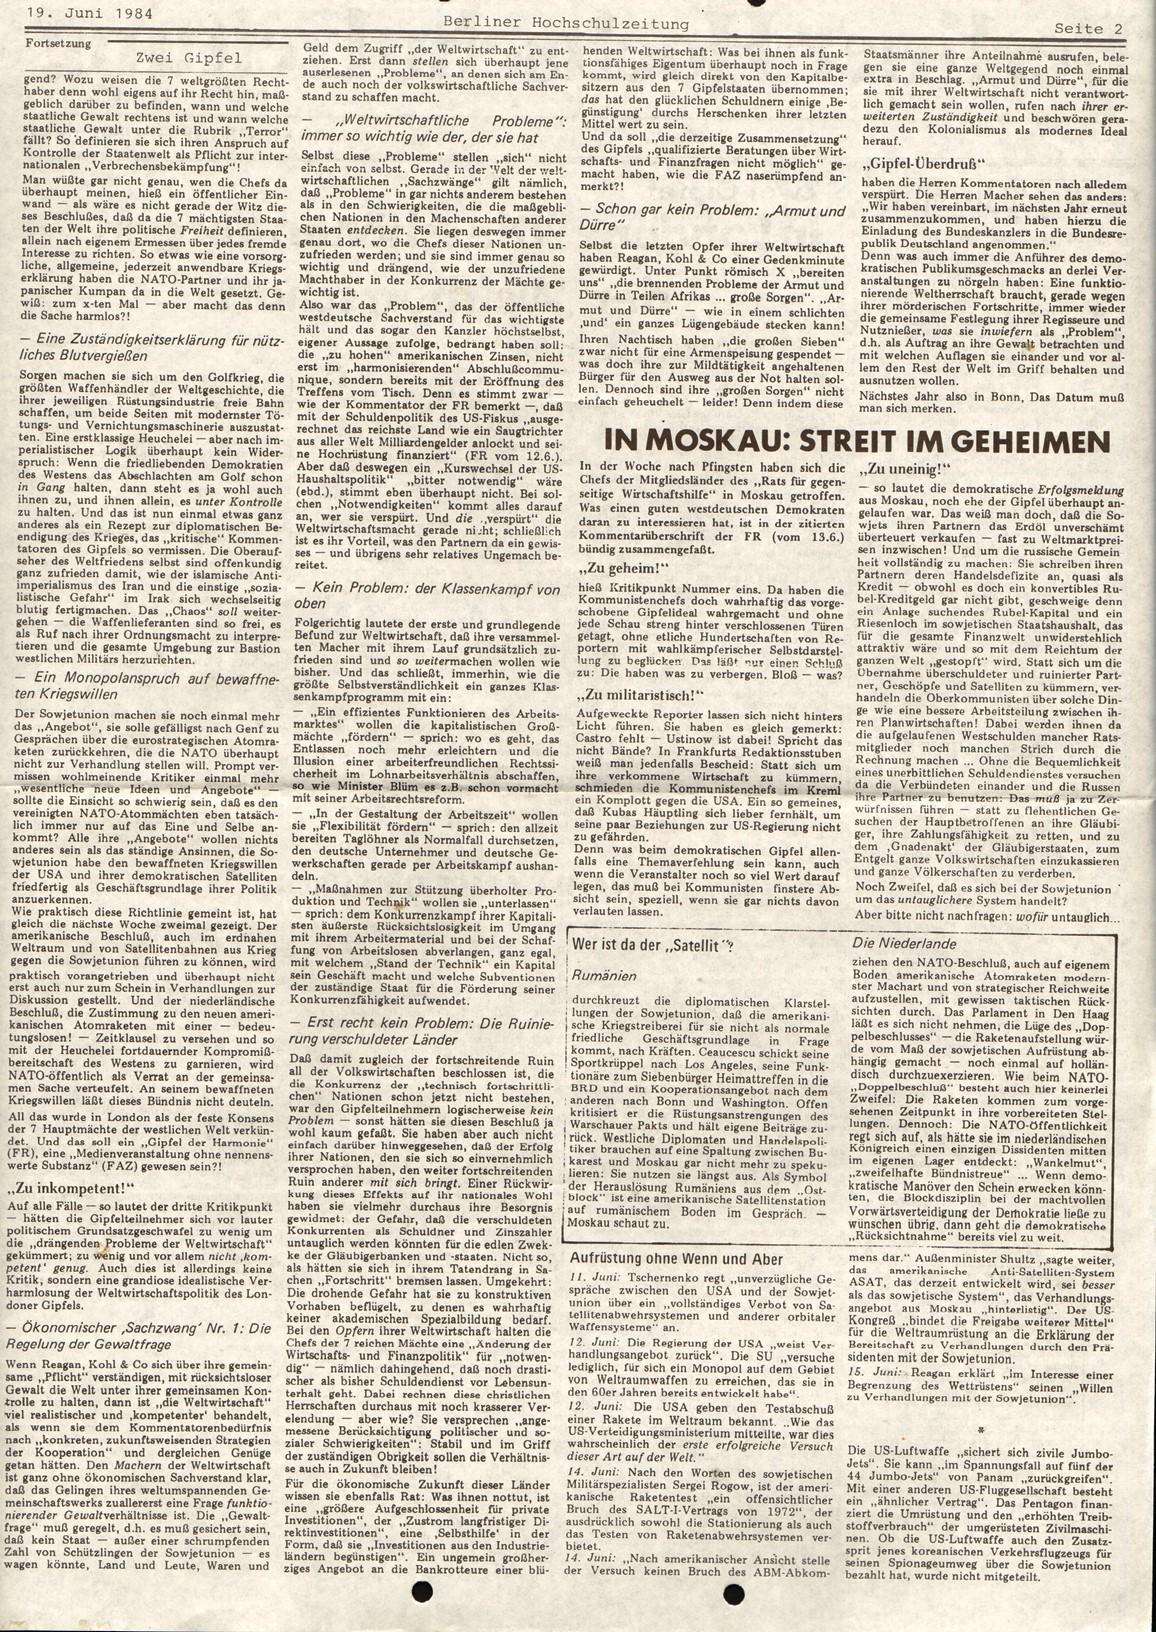 Berlin_MG_Hochschulzeitung_19840619_02